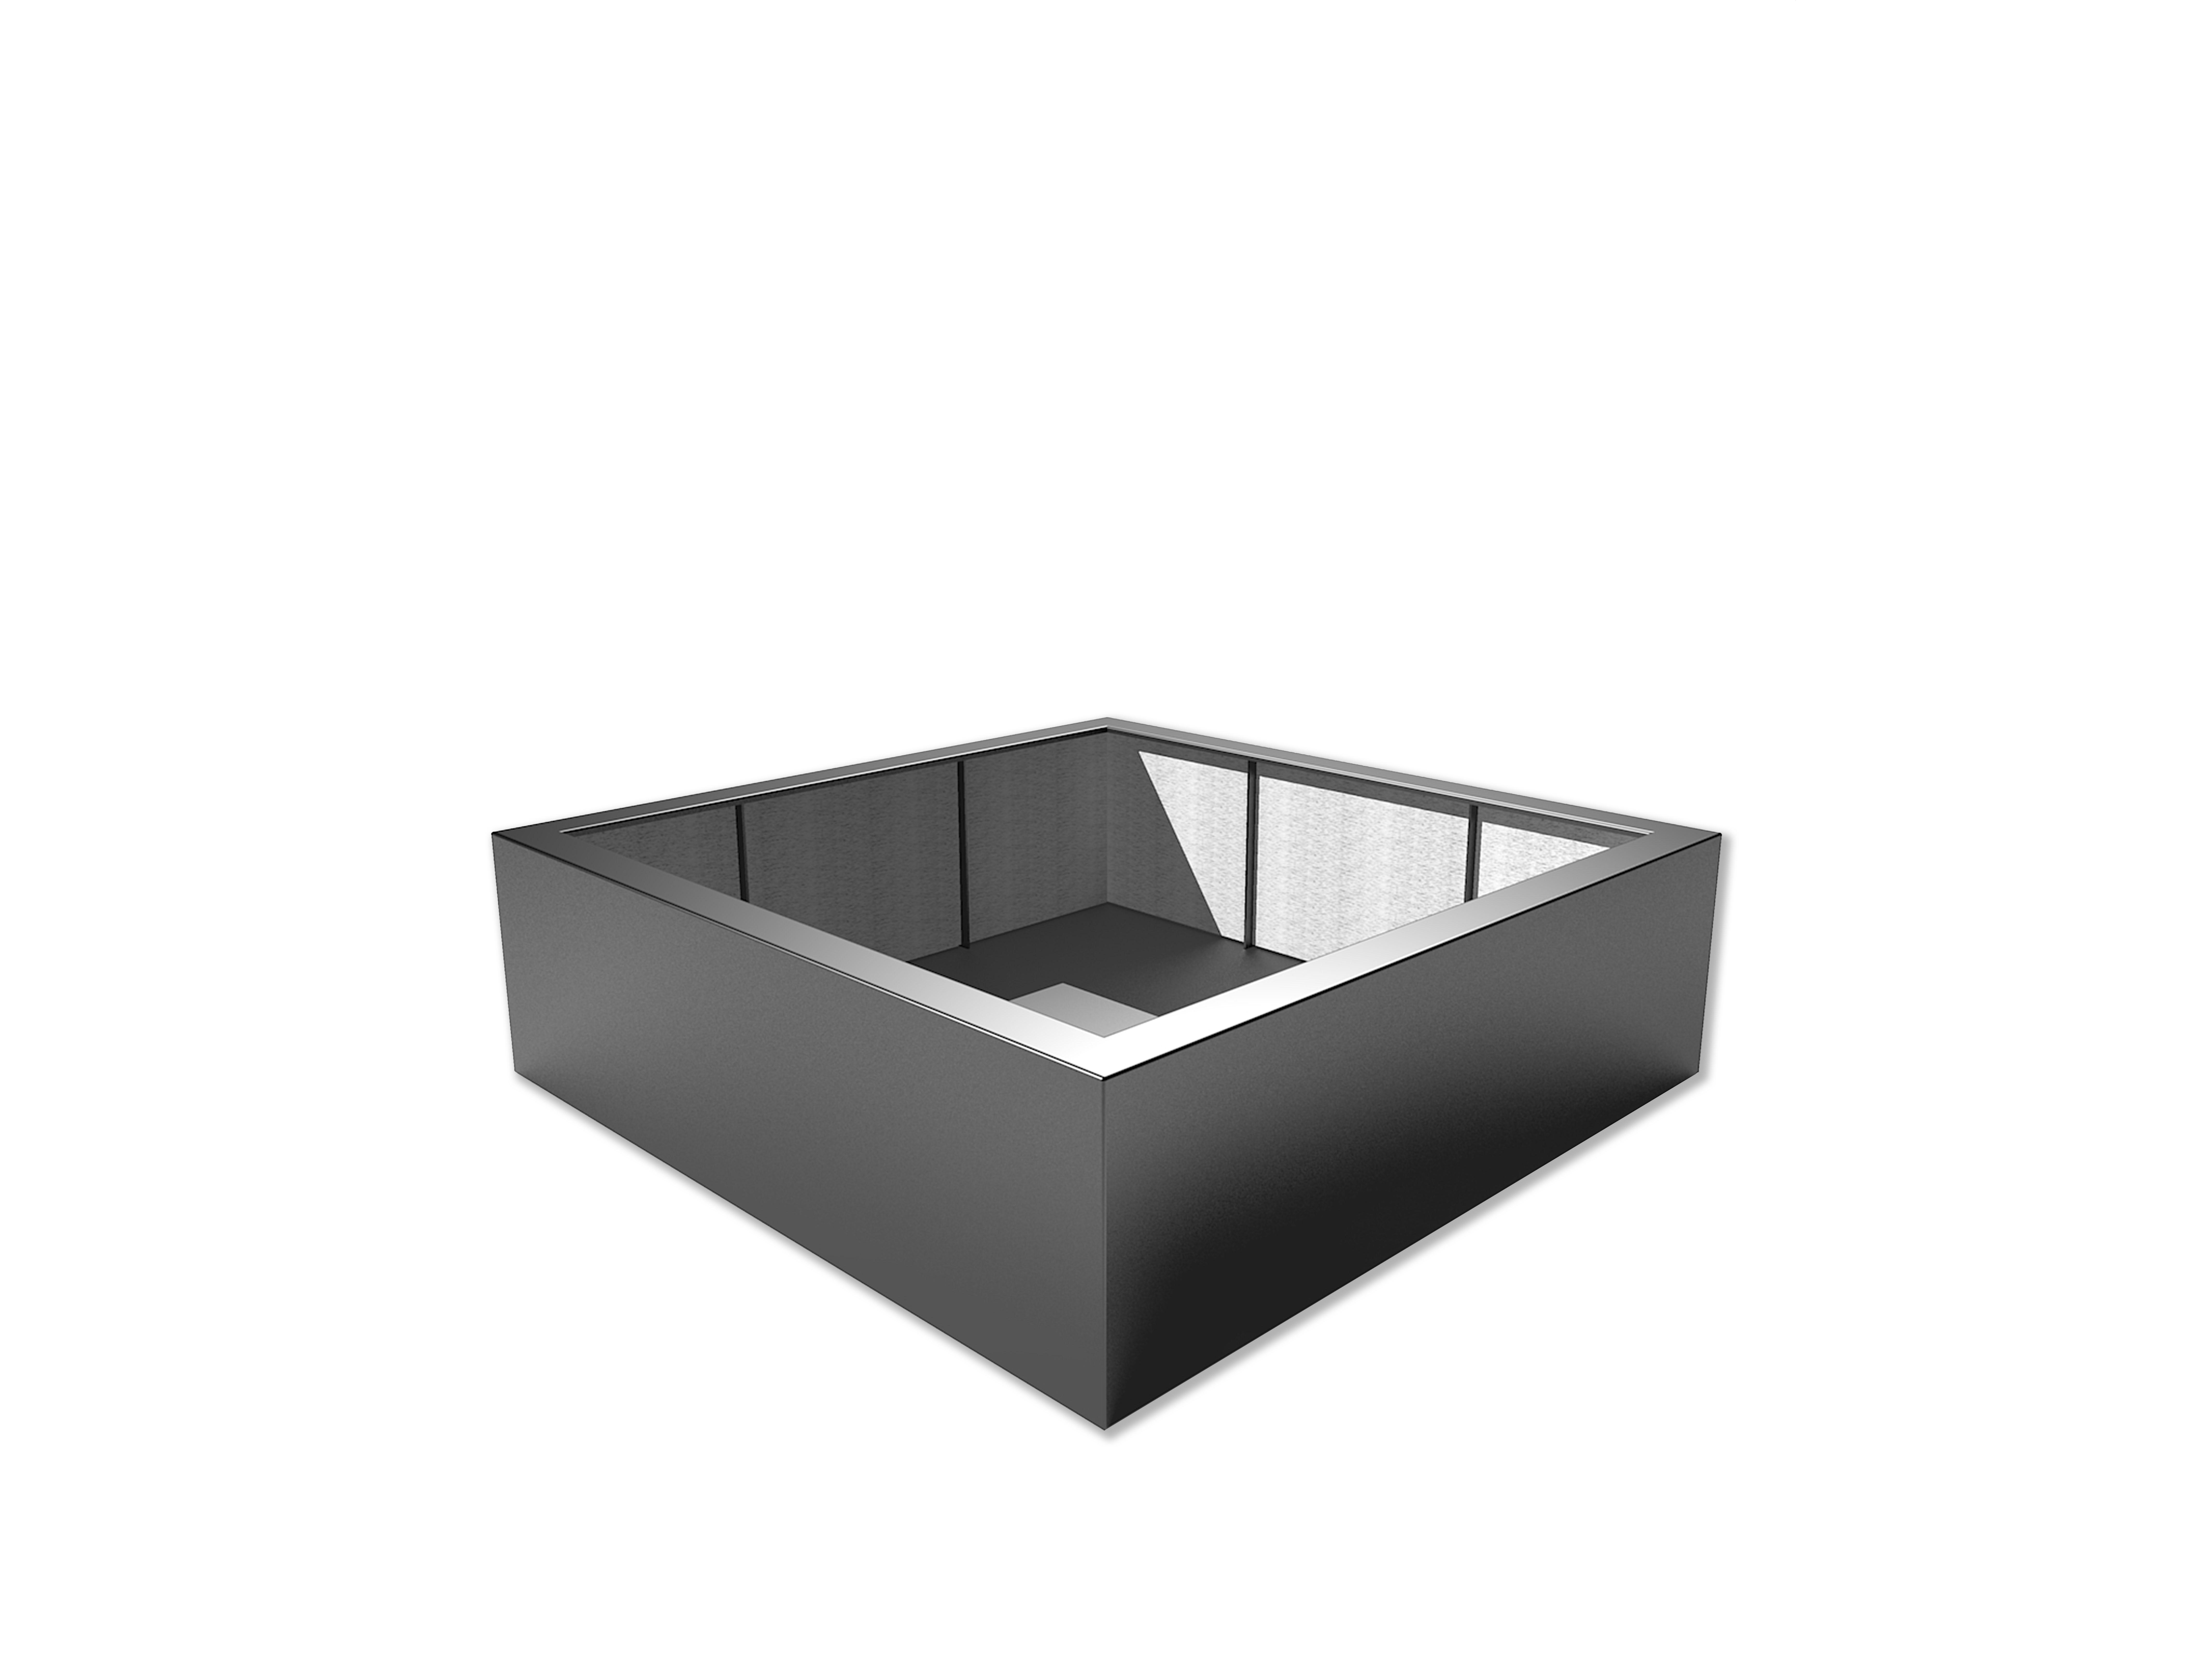 Adezz | Polyester bloembak Buxus | 200 x 200 x 60 cm | Antraciet